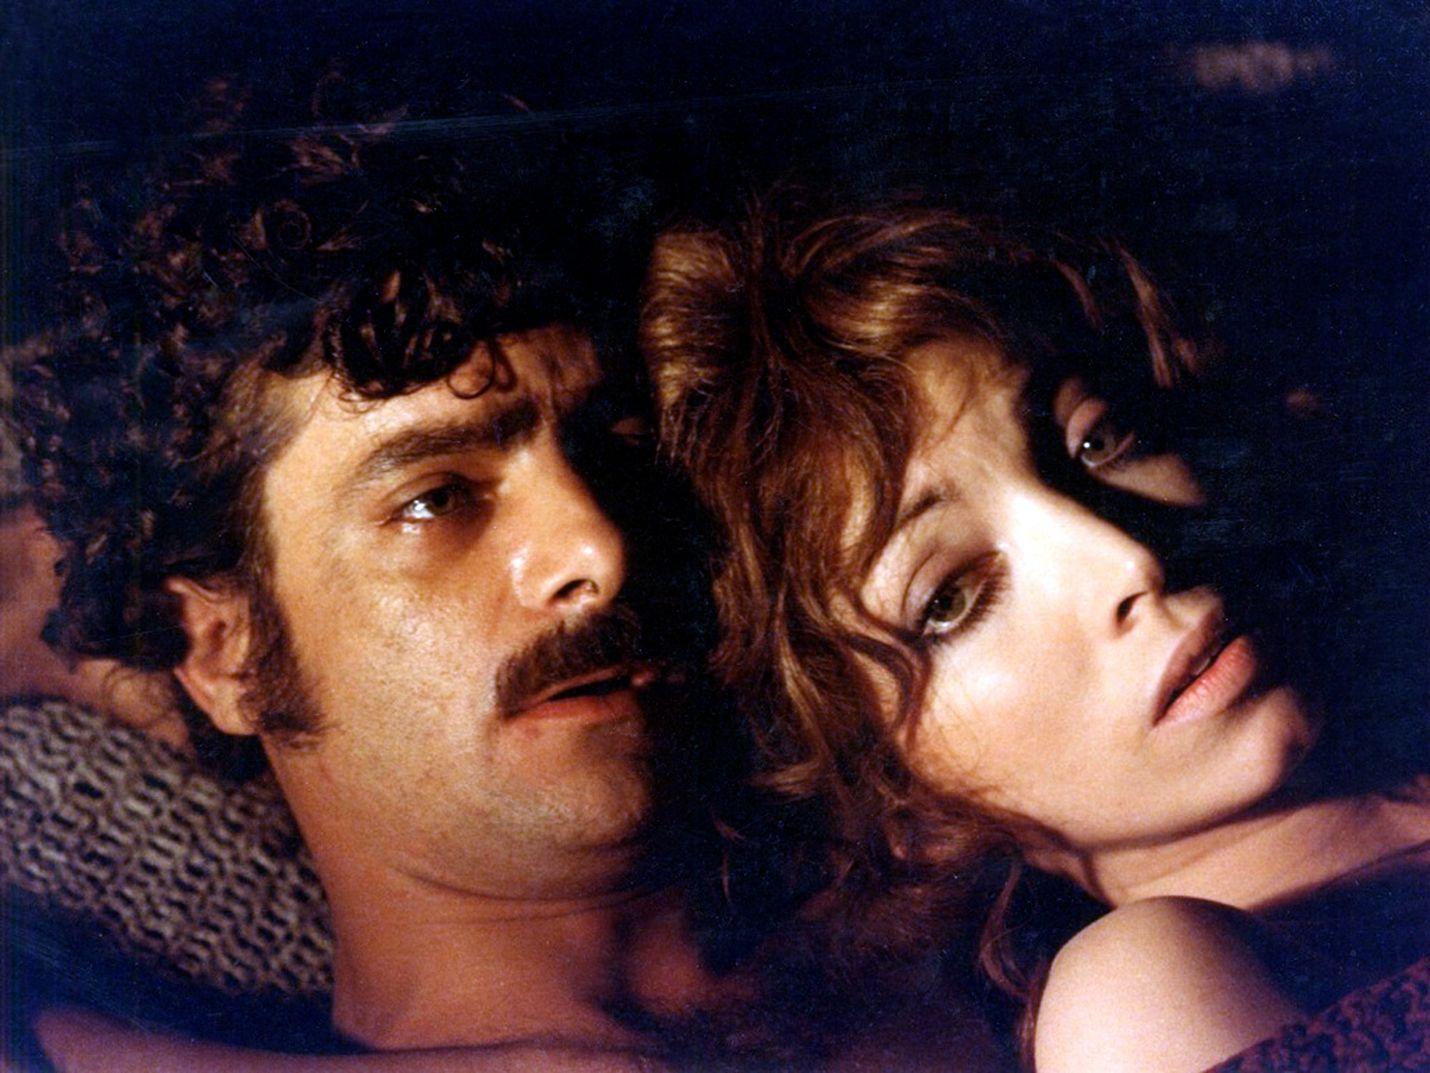 Oscarilla elämäntyöstään palkitun Lina Wertmüllerin ohjaama satiirinen elokuva kertoo sisilialaisesta työläisestä, joka törmää mafian mielivaltaan kaikkialla minne meneekään. Pääosissa Giancarlo Giannini ja Mariangela Melato.